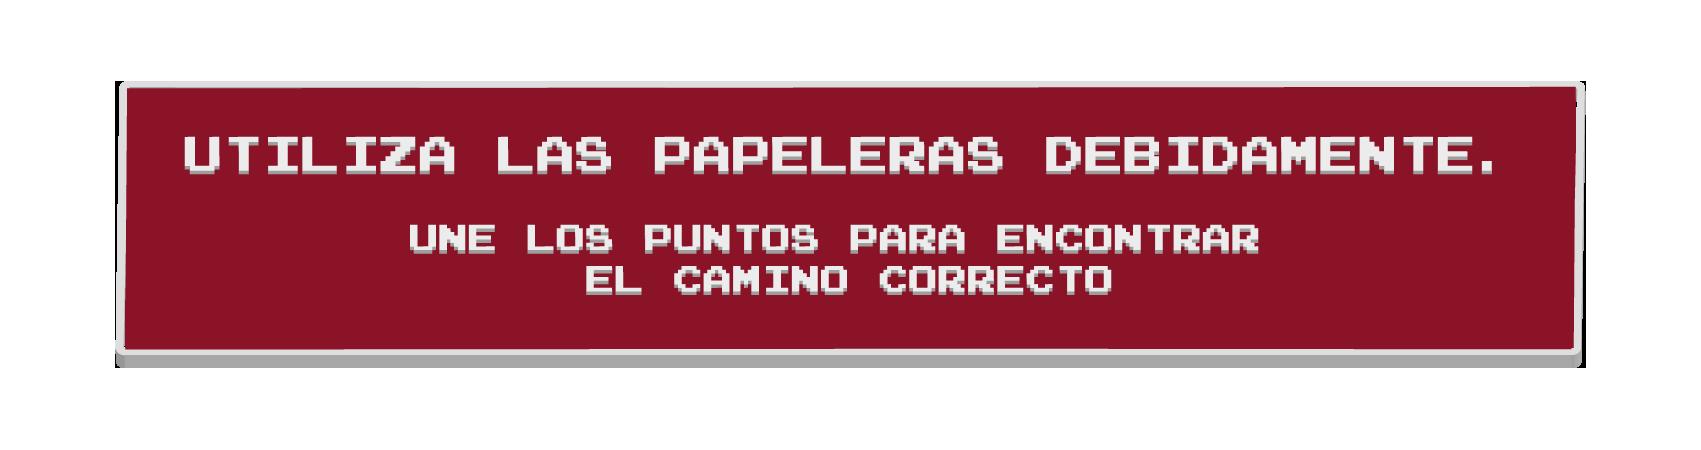 imgs_juegos_index_papelera_hover